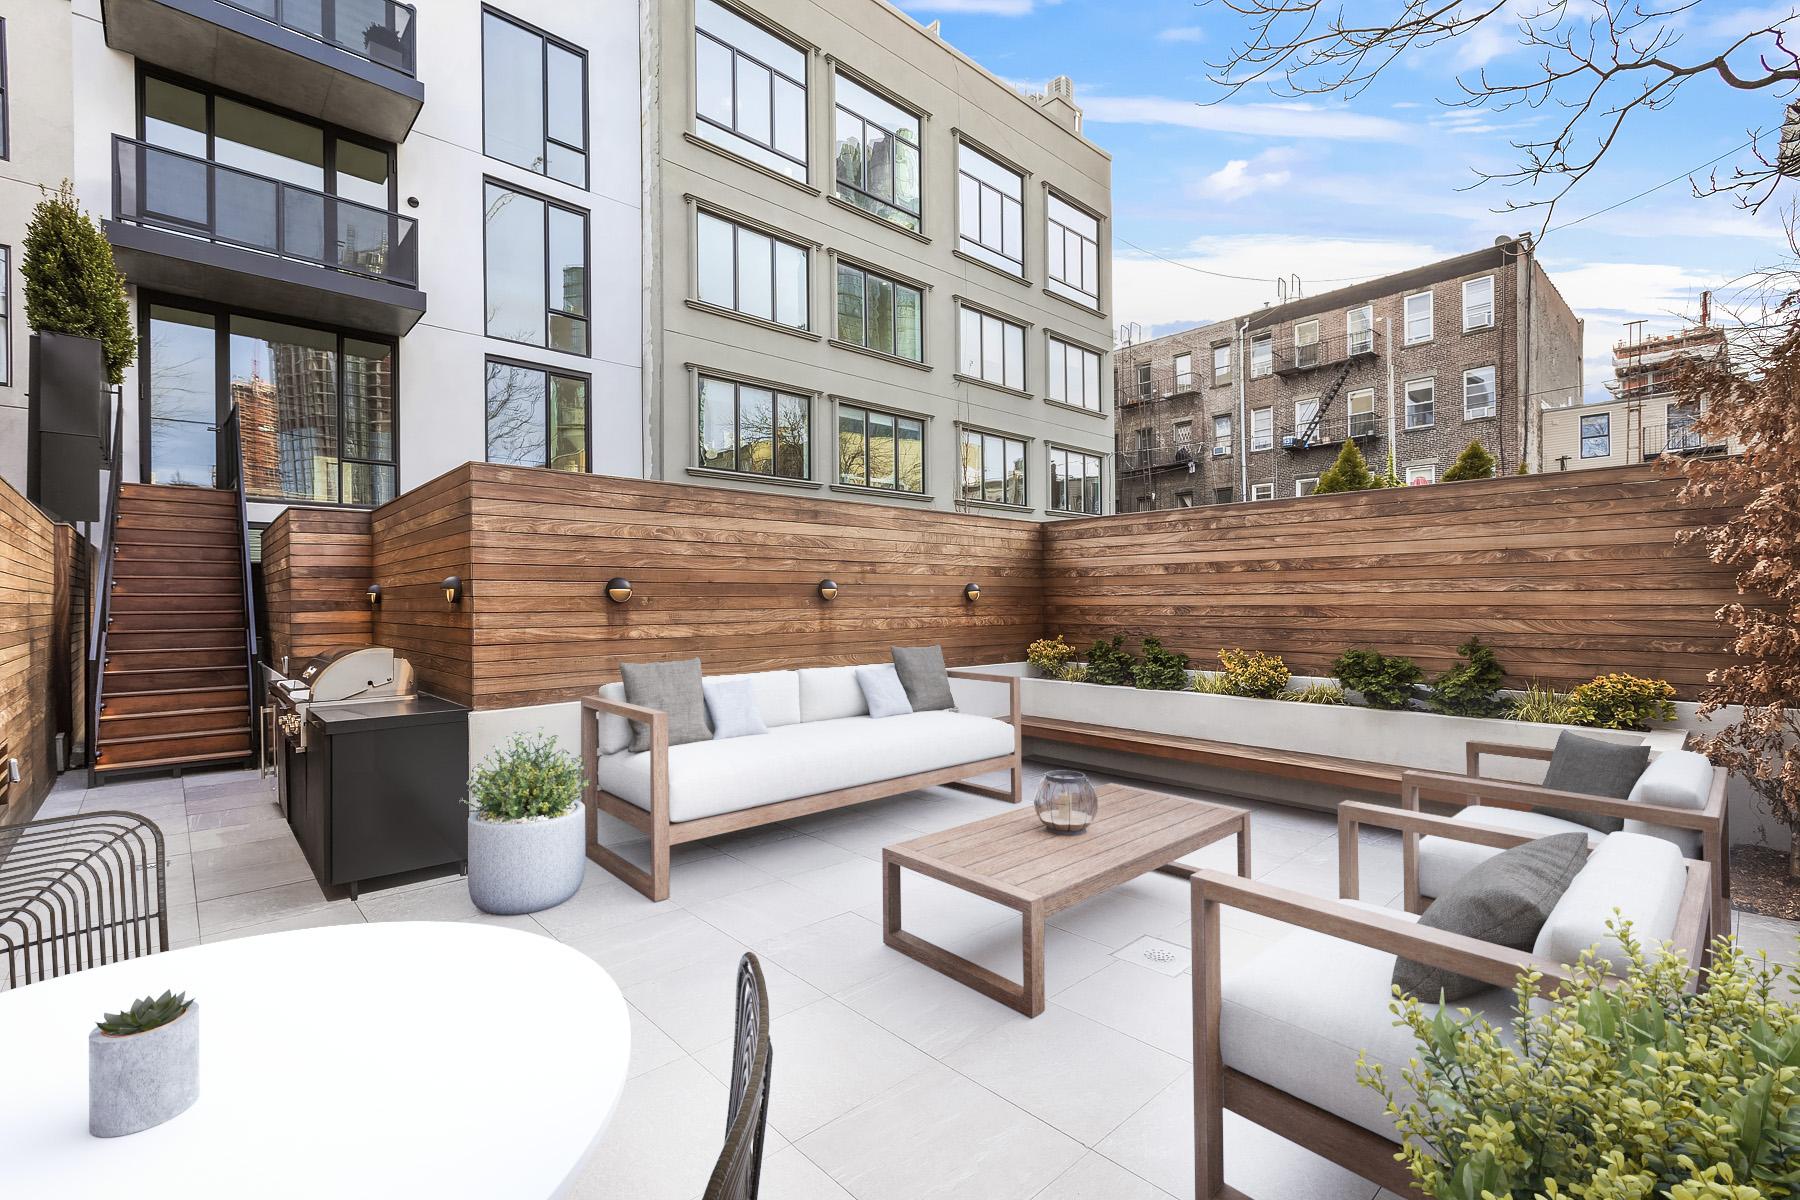 83 Eagle patio